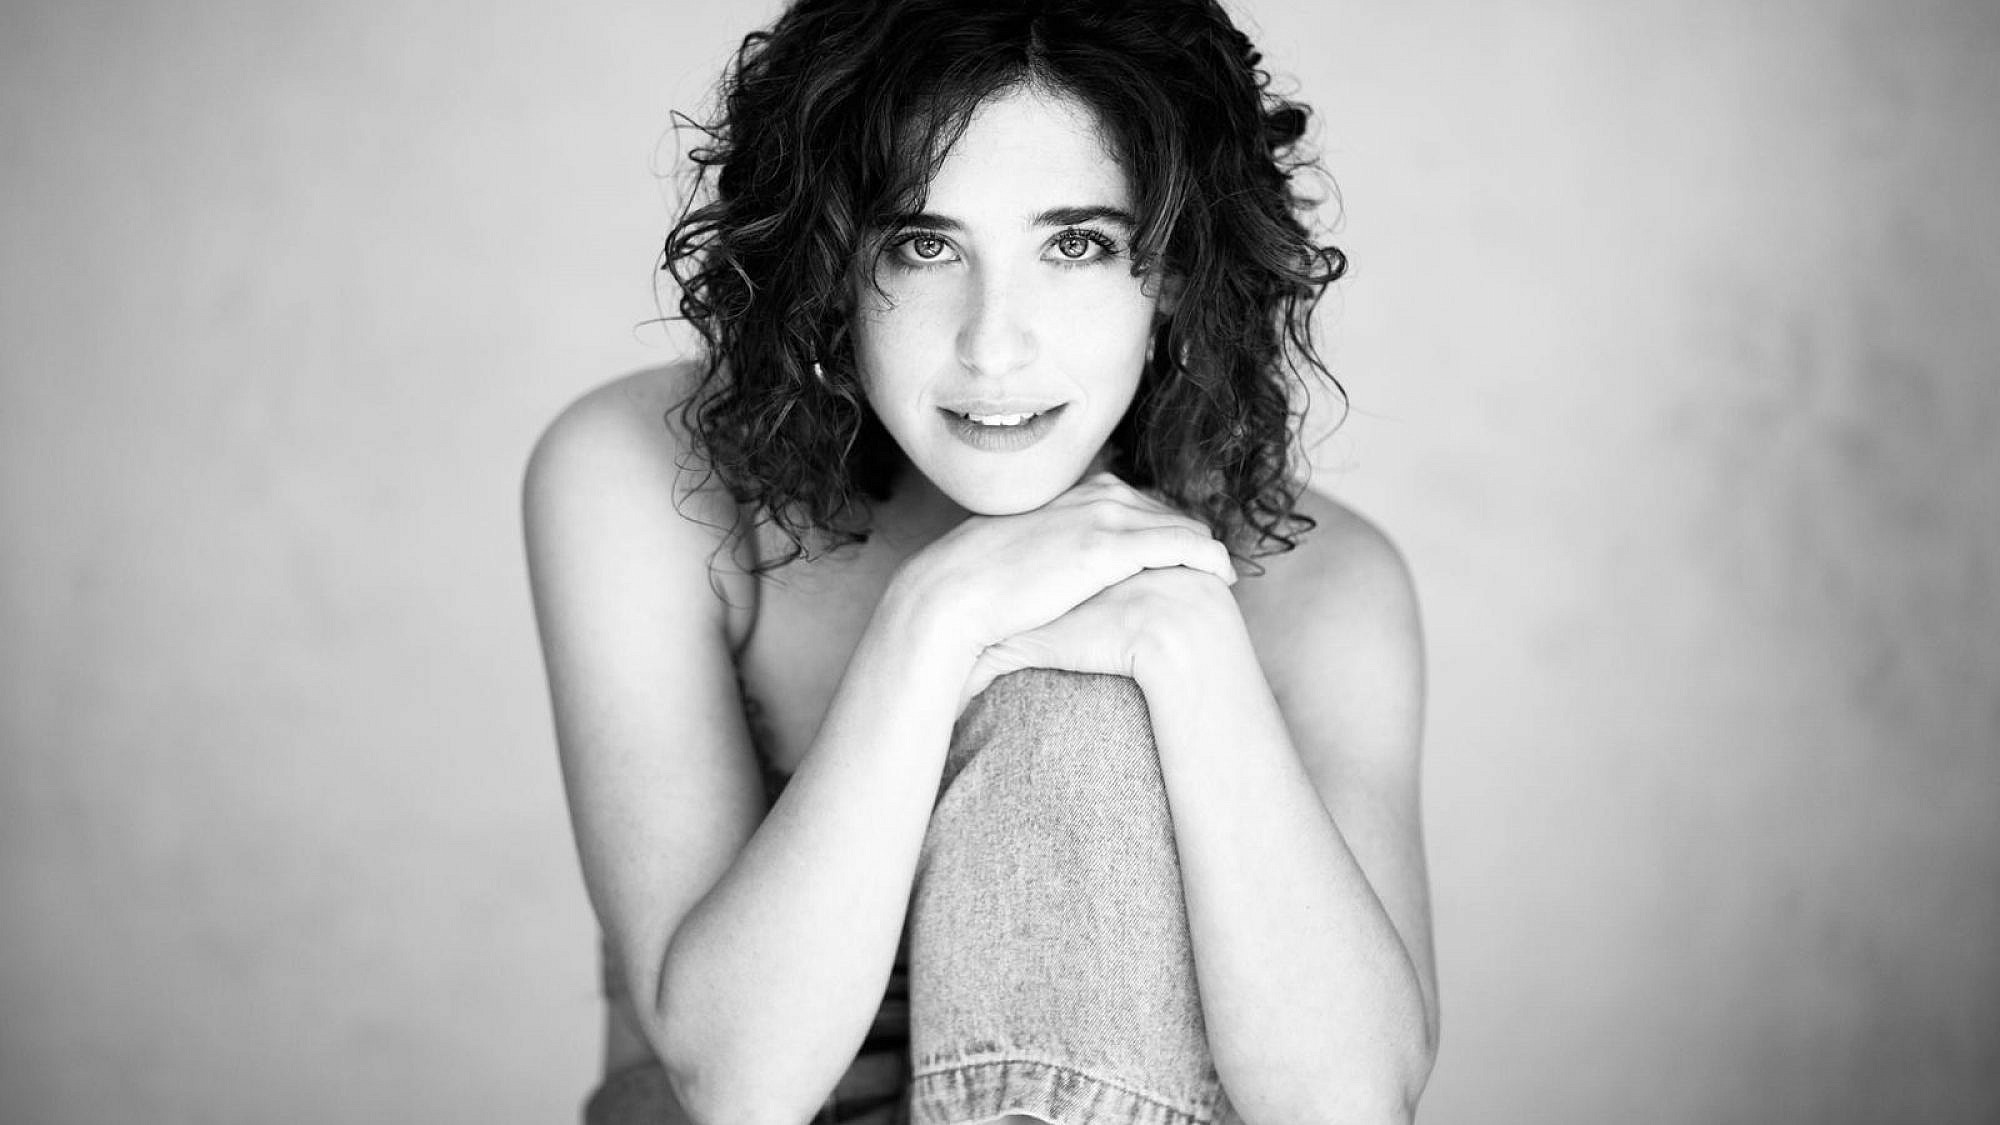 אביגיל הררי   צילום: רונית לובצקי